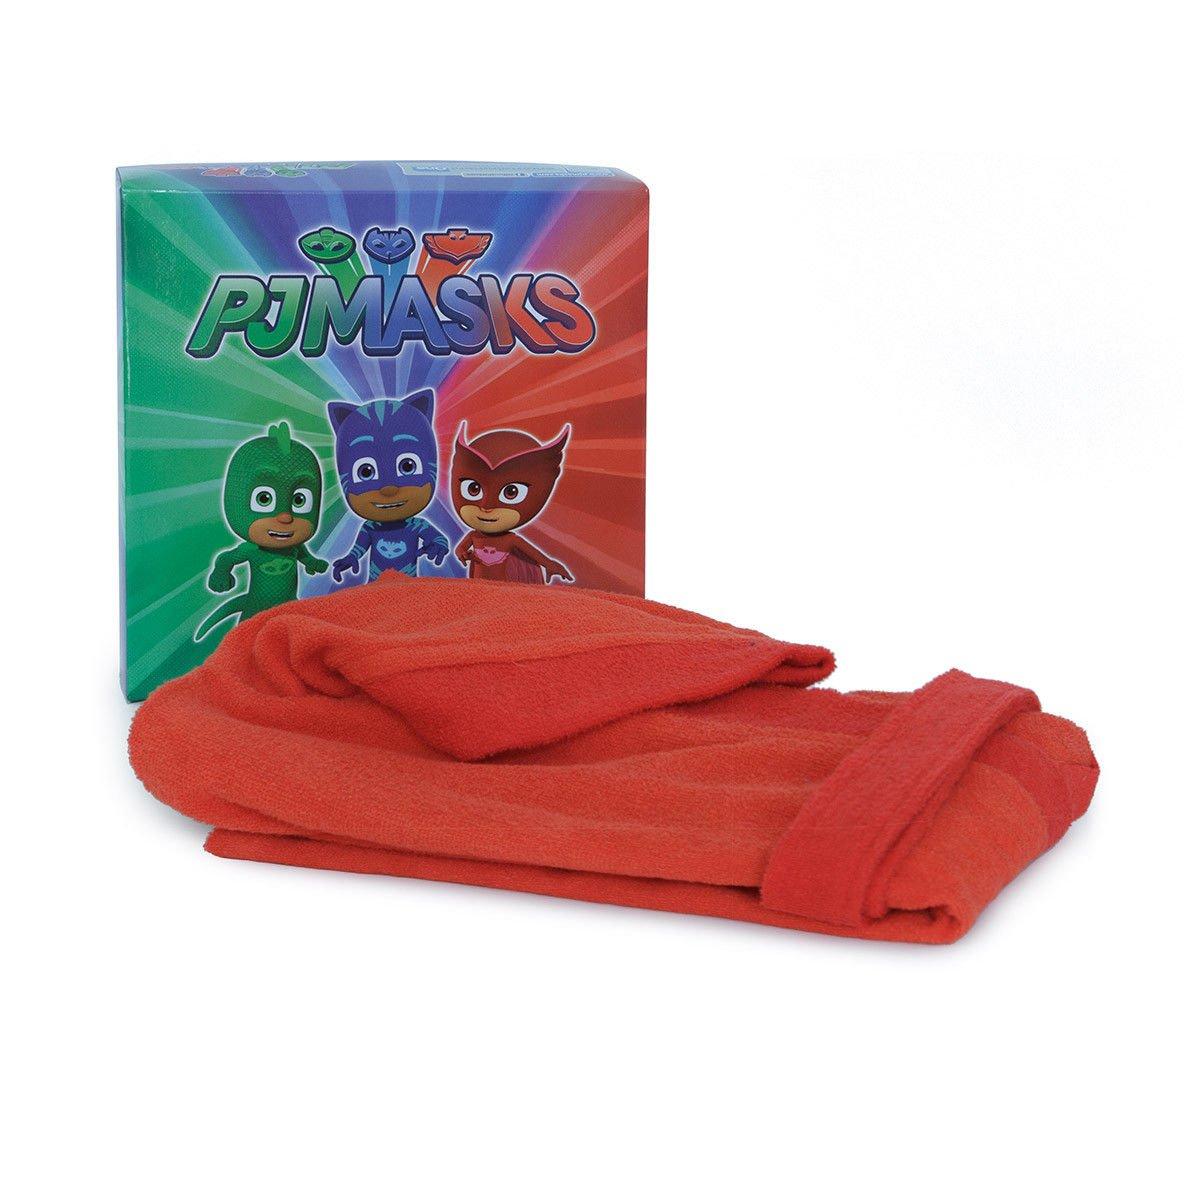 Accappatoio Super pigiamini Pj Masks per Bambino in microspugna Q398 2-3 anni AZZURRO